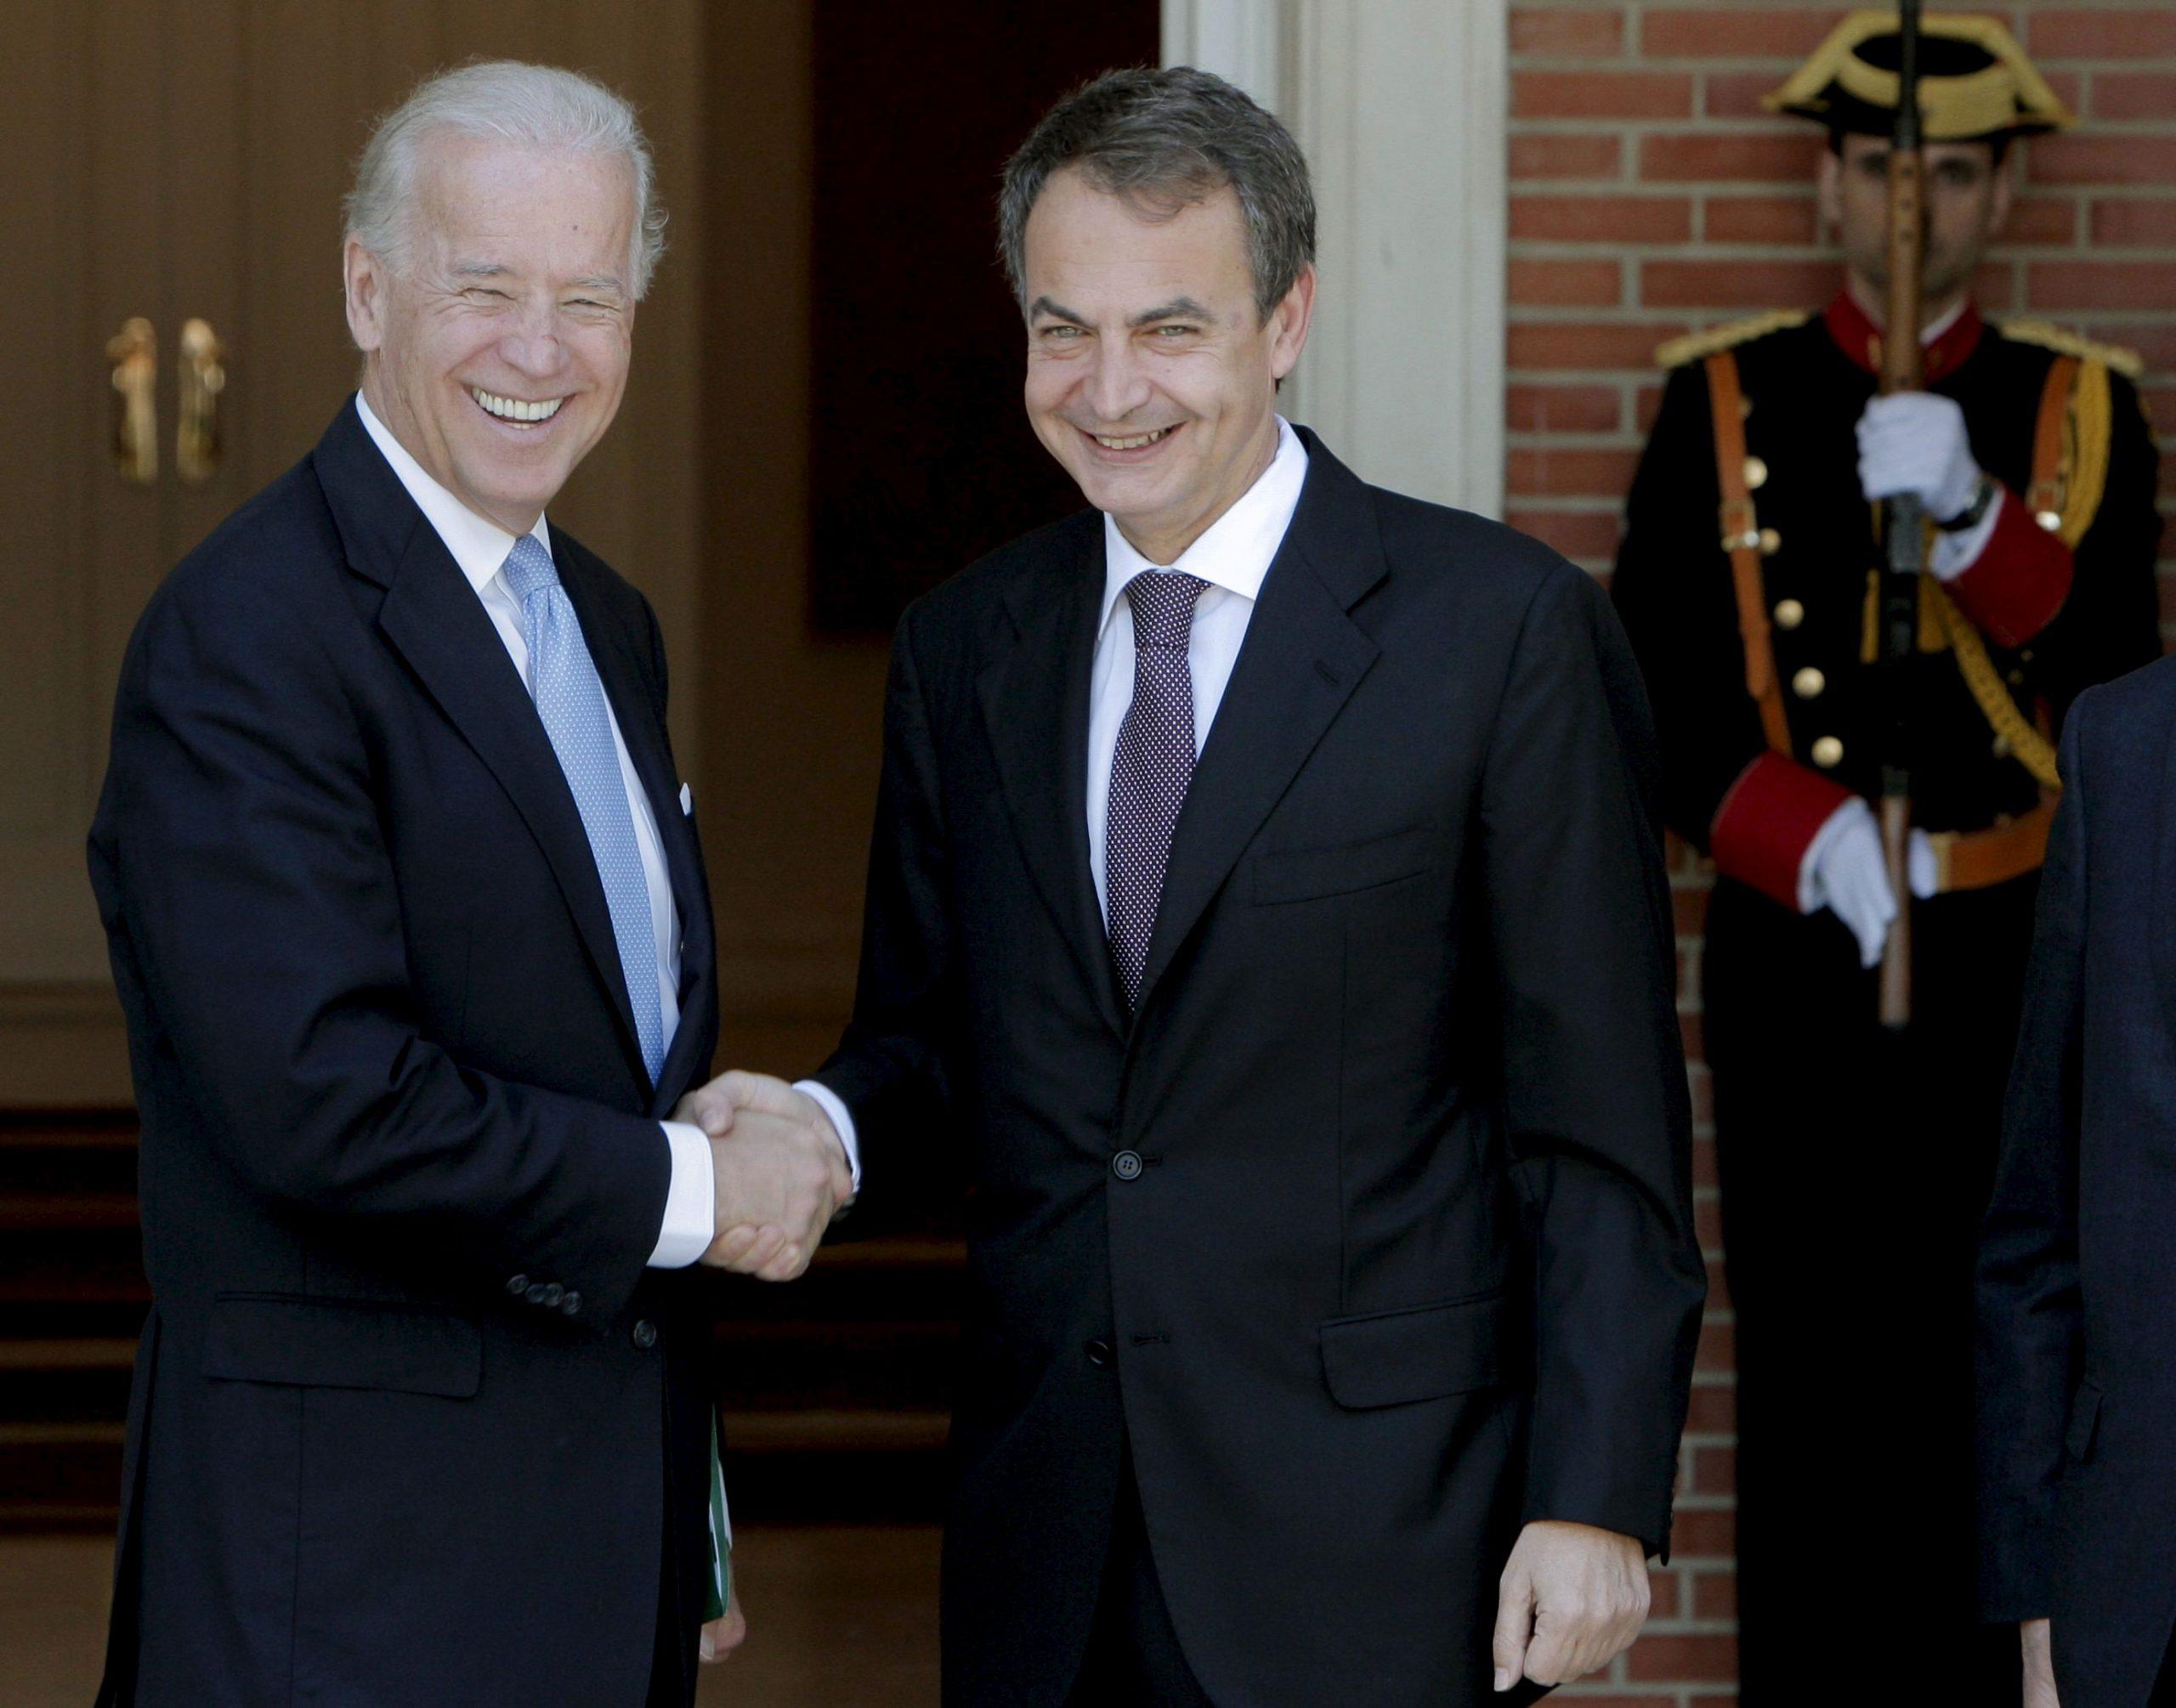 El expresidente Zapatero (d) recibe al entonces vicepresidente de EE.UU. Biden en La Moncloa, en 2010.- EFE